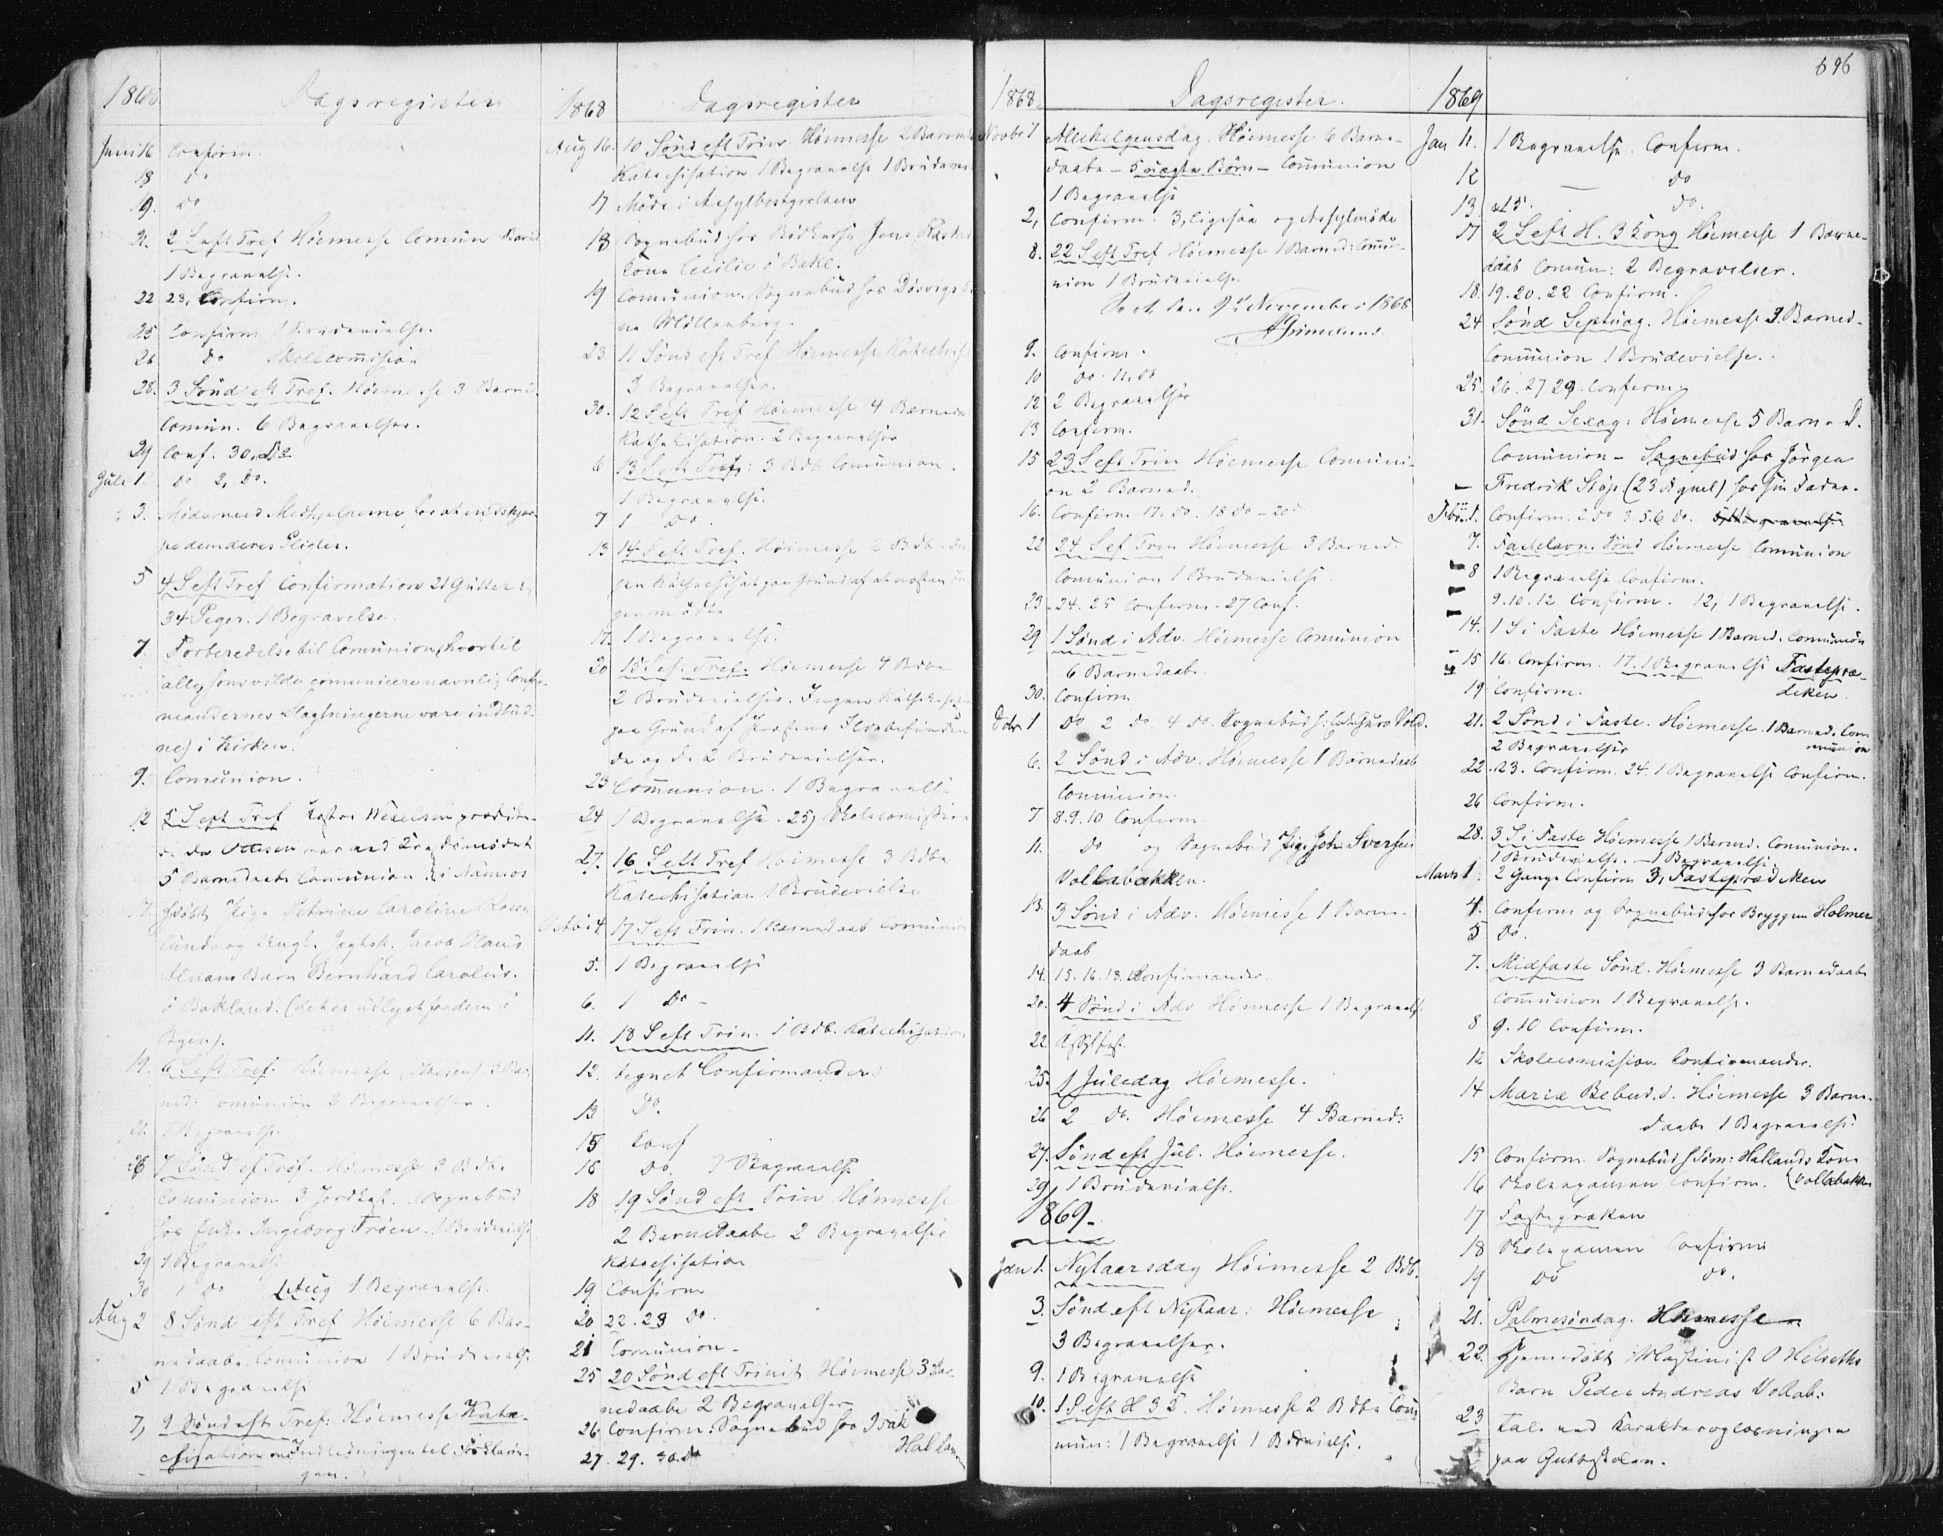 SAT, Ministerialprotokoller, klokkerbøker og fødselsregistre - Sør-Trøndelag, 604/L0186: Ministerialbok nr. 604A07, 1866-1877, s. 696